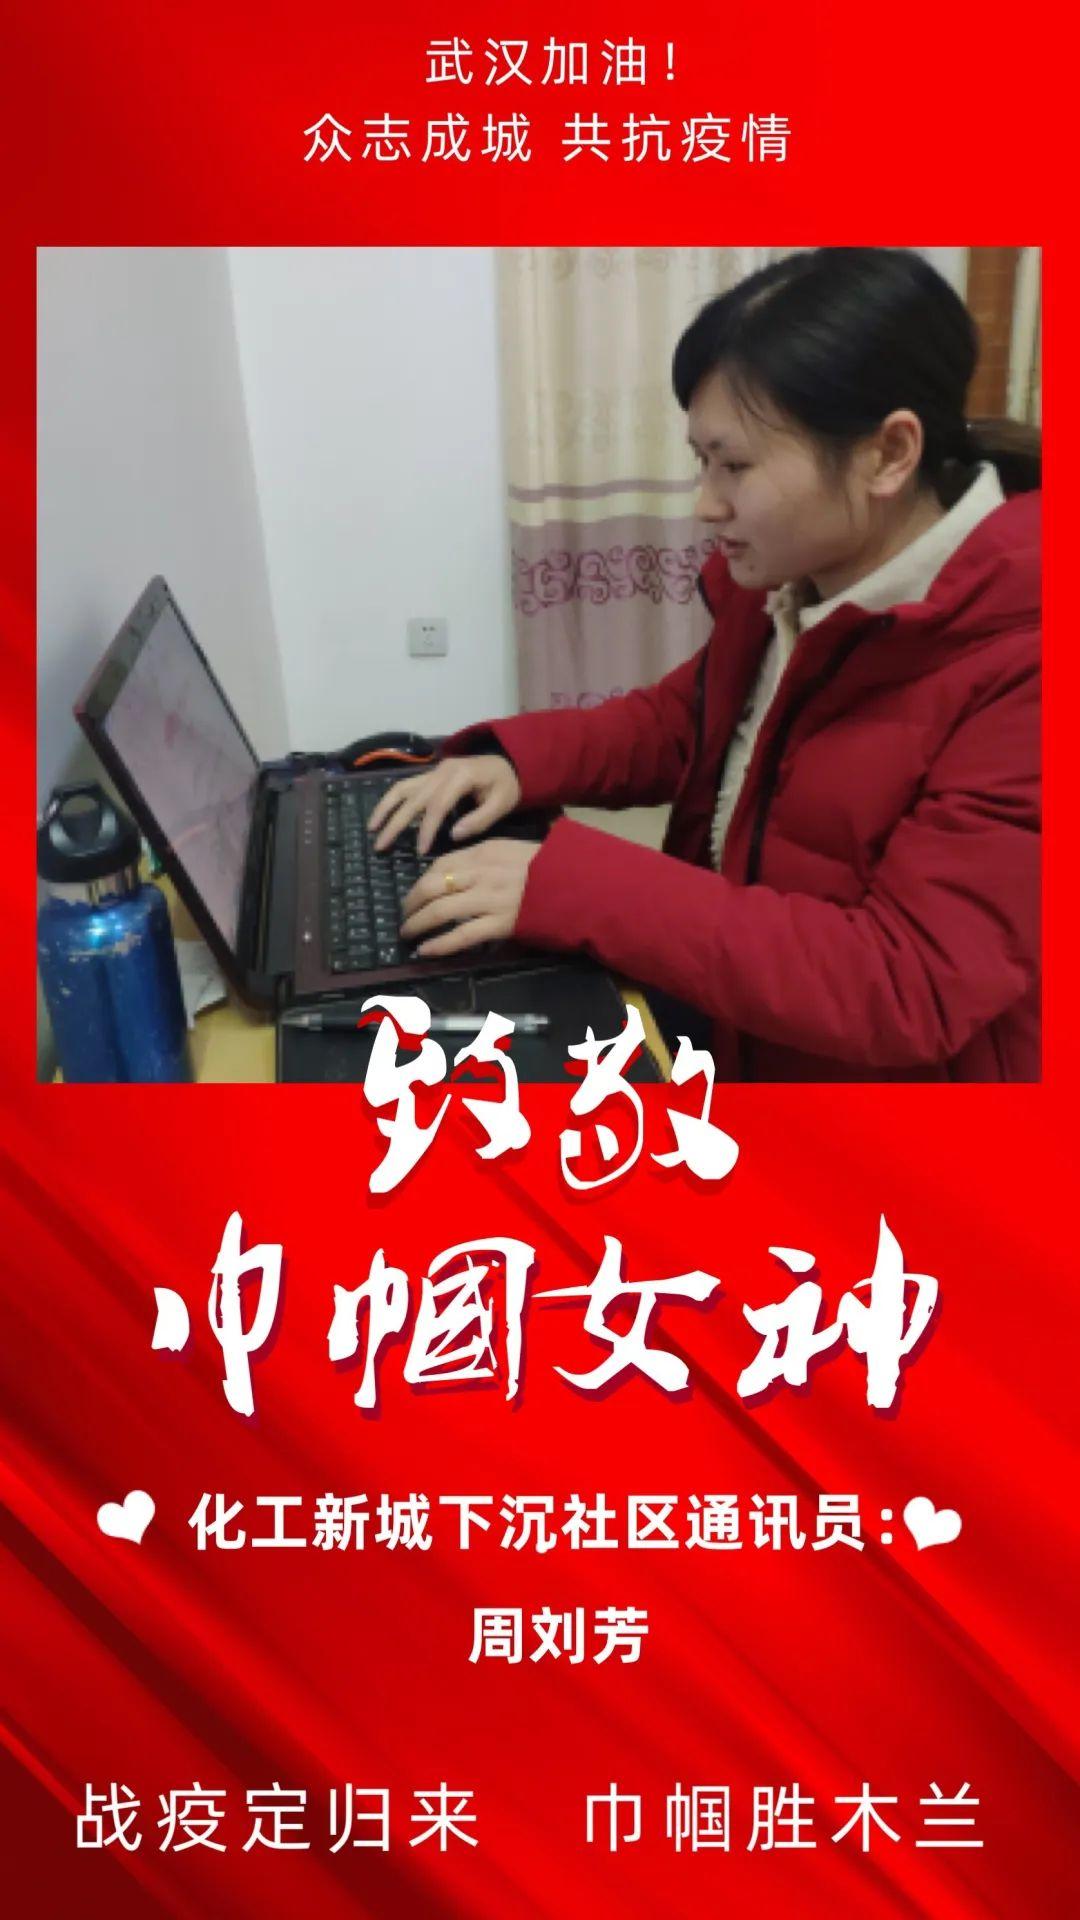 微信圖片_20200308221208.jpg